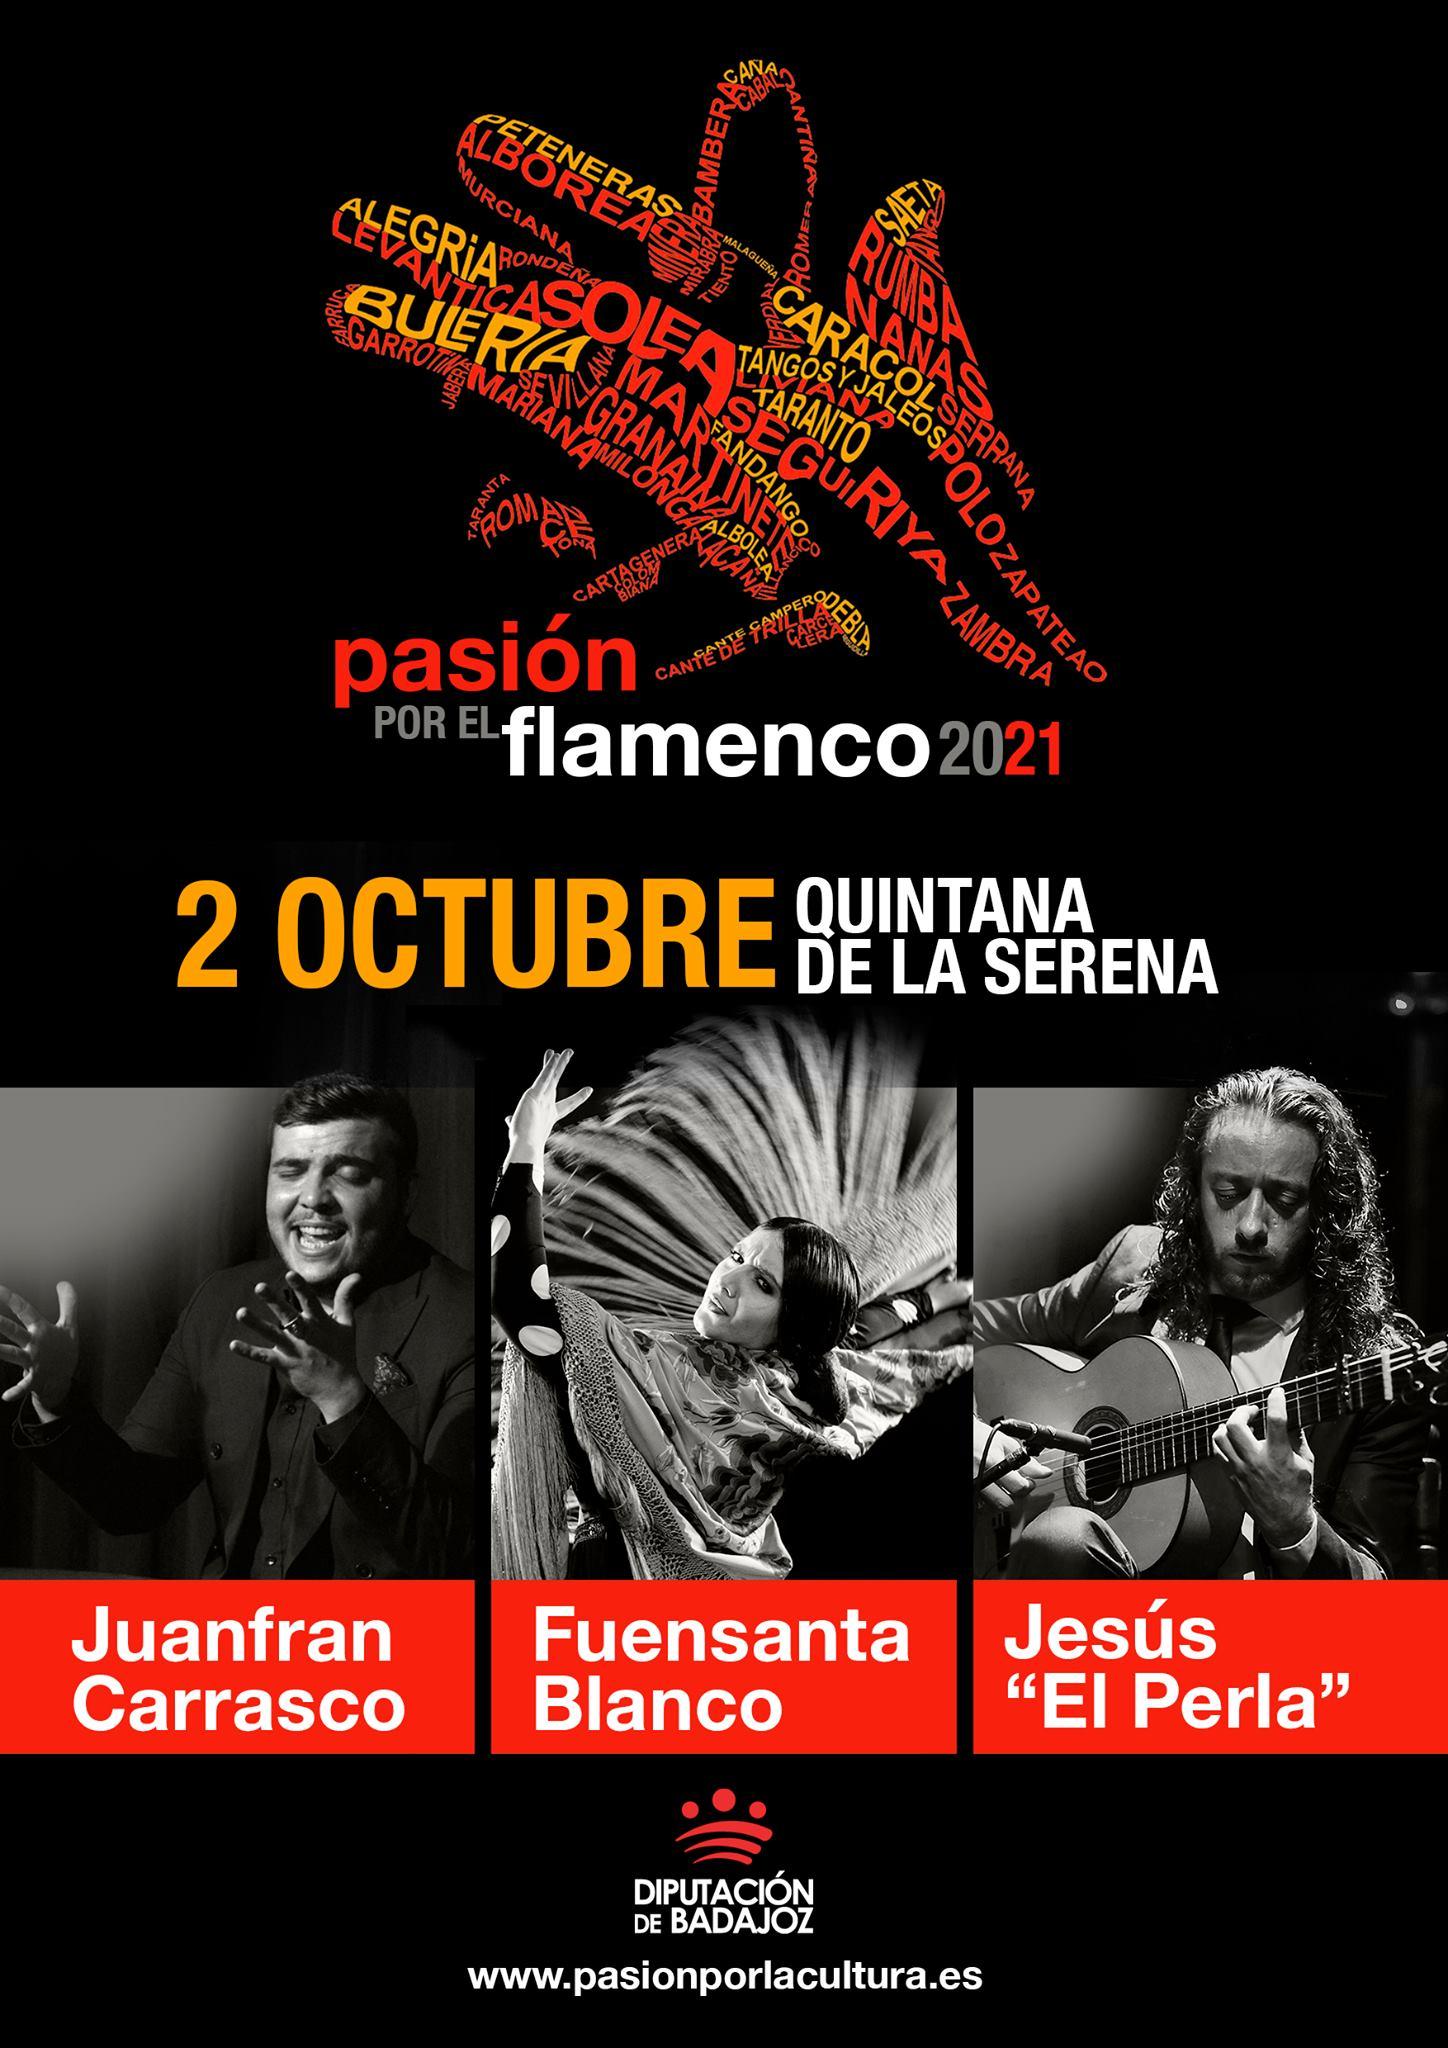 PASIÓN POR EL FLAMENCO | Miguel de Tena + María Metidieri + Antonio de Patrocinio